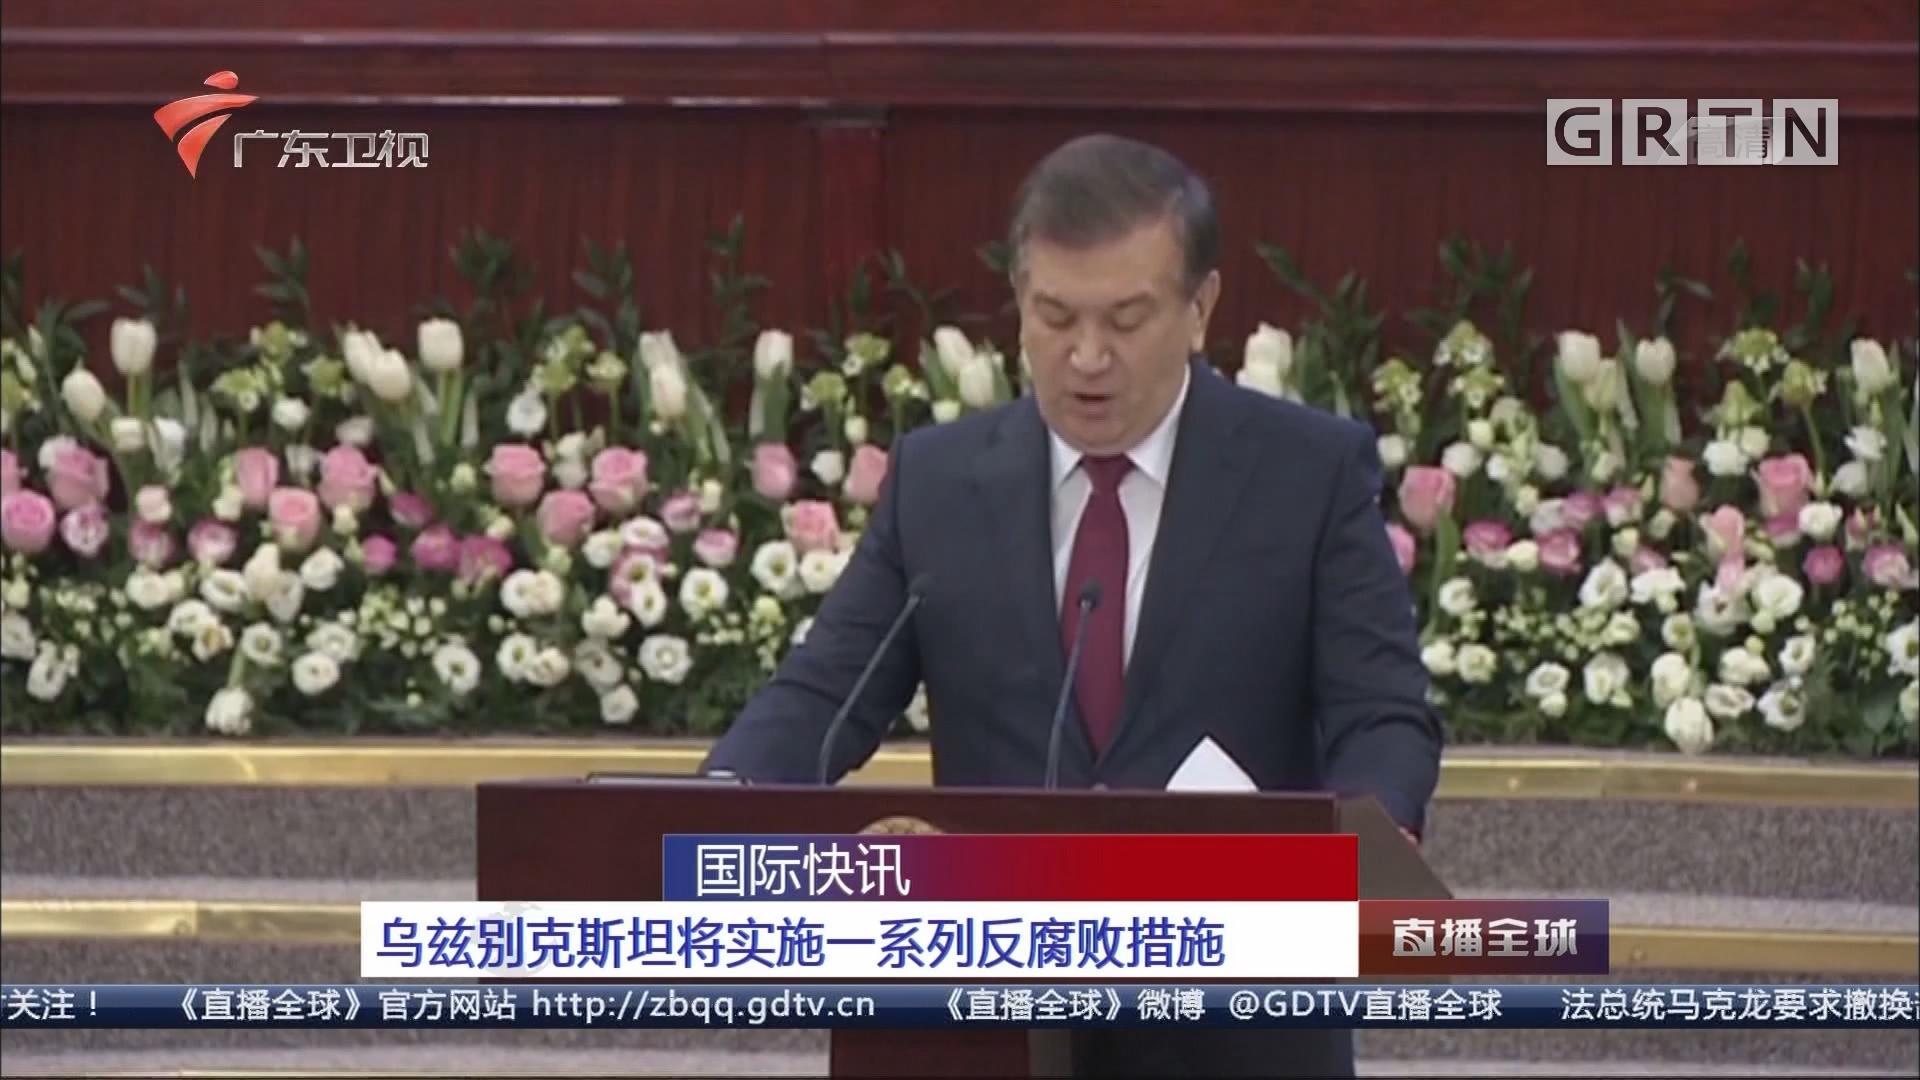 乌兹别克斯坦将实施一系列反腐败措施